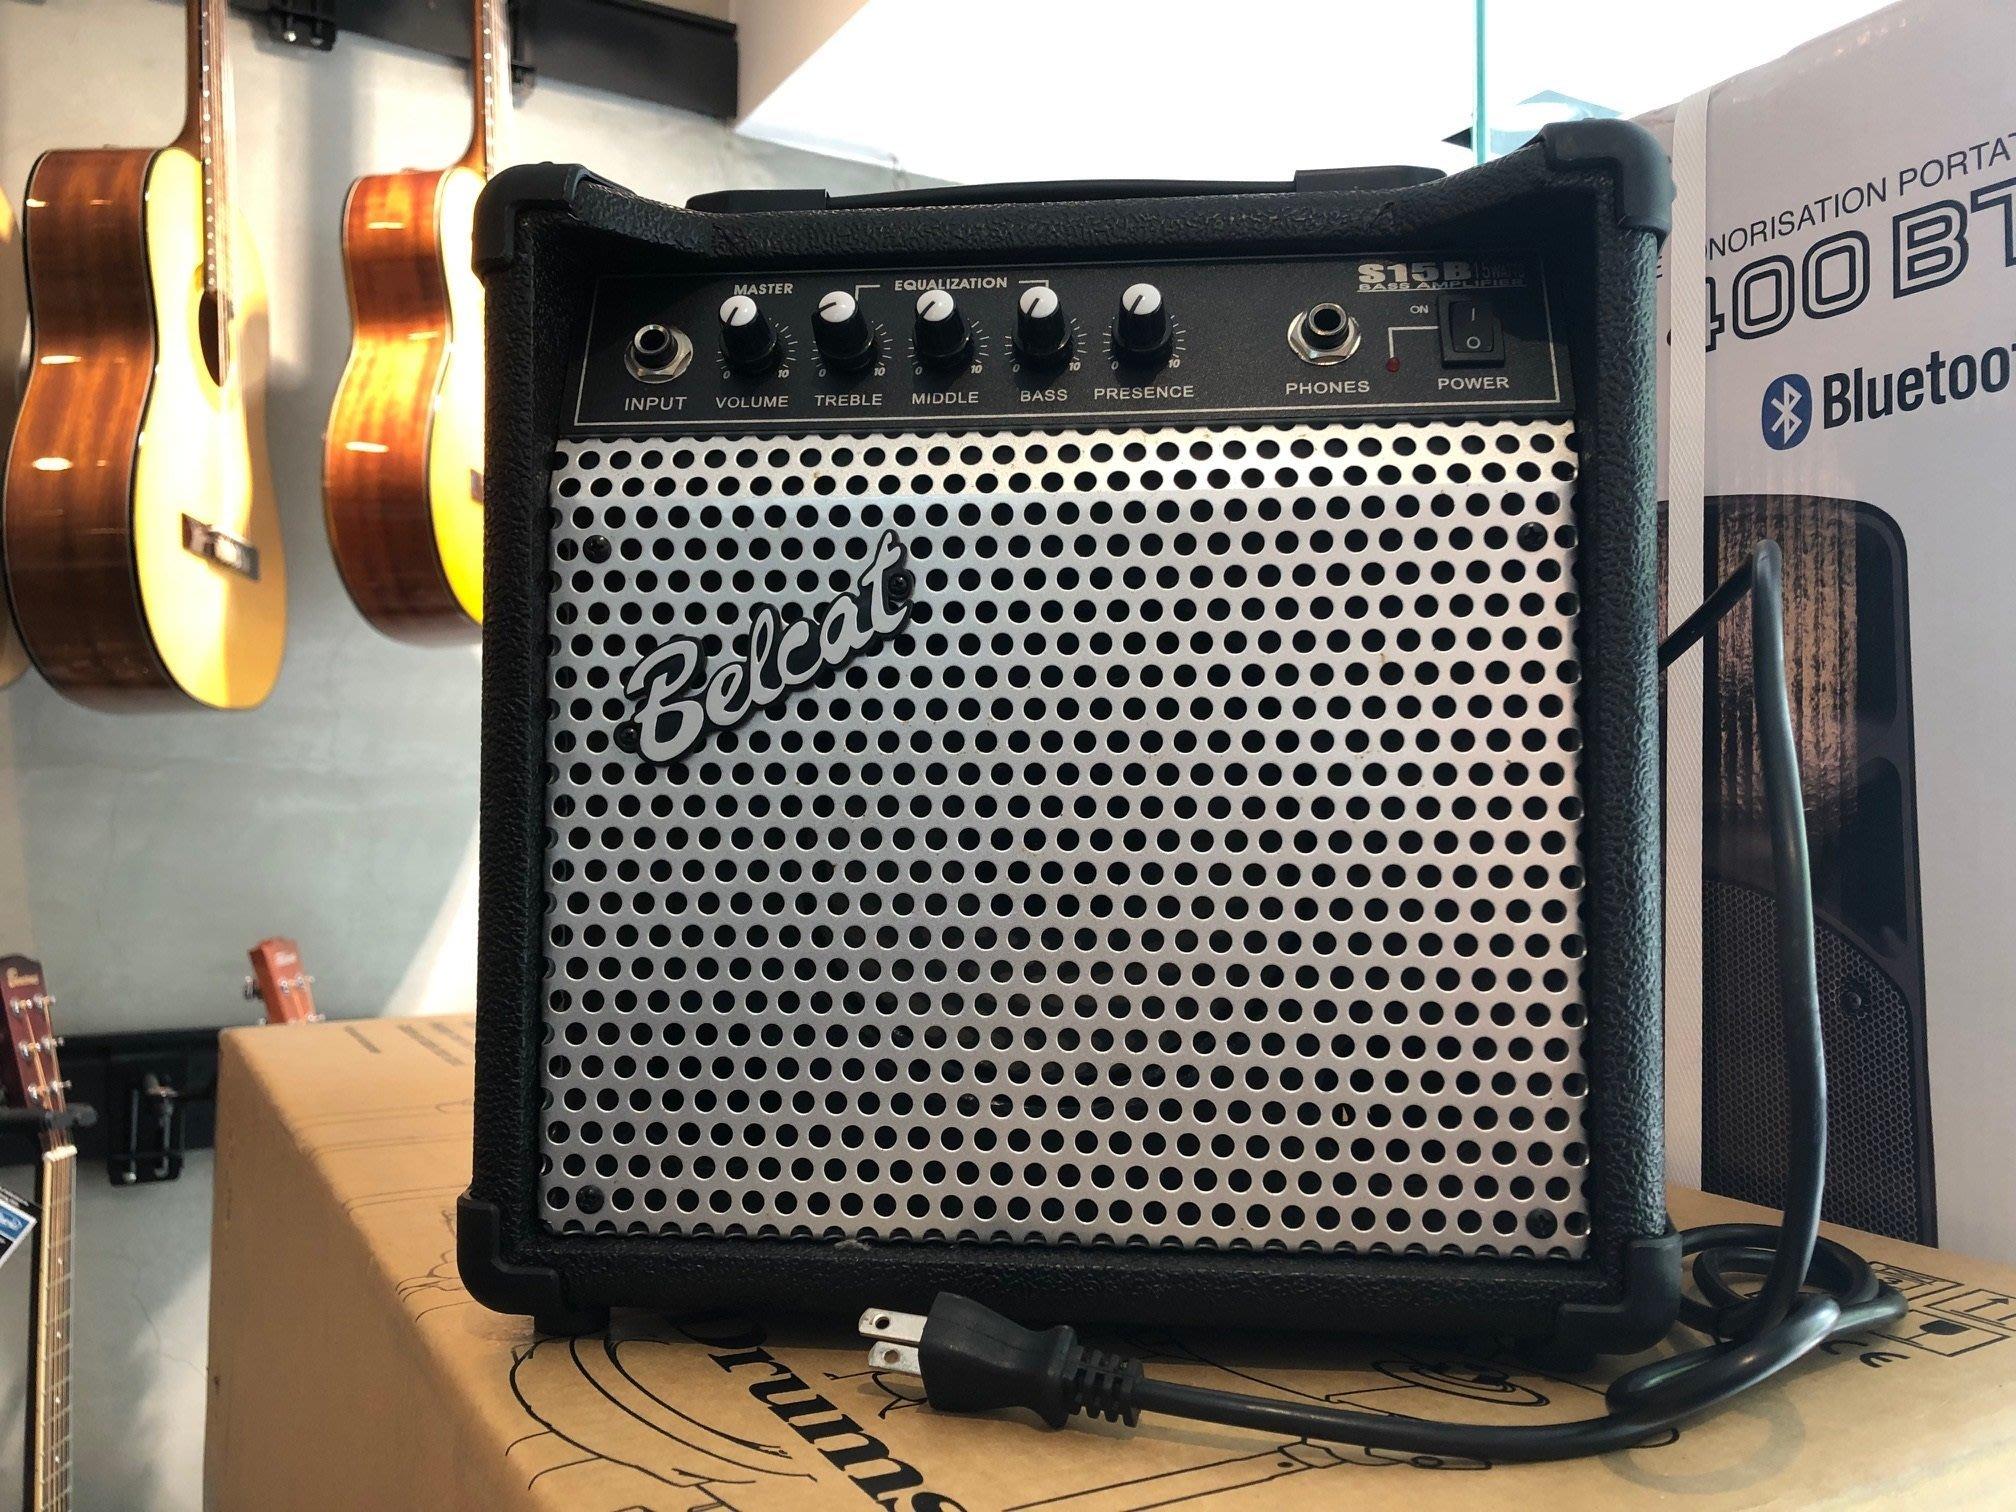 【六絃樂器】全新 Belcat S15B 電貝斯音箱 / 出力15W 金屬面板 三段EQ 附耳機插孔